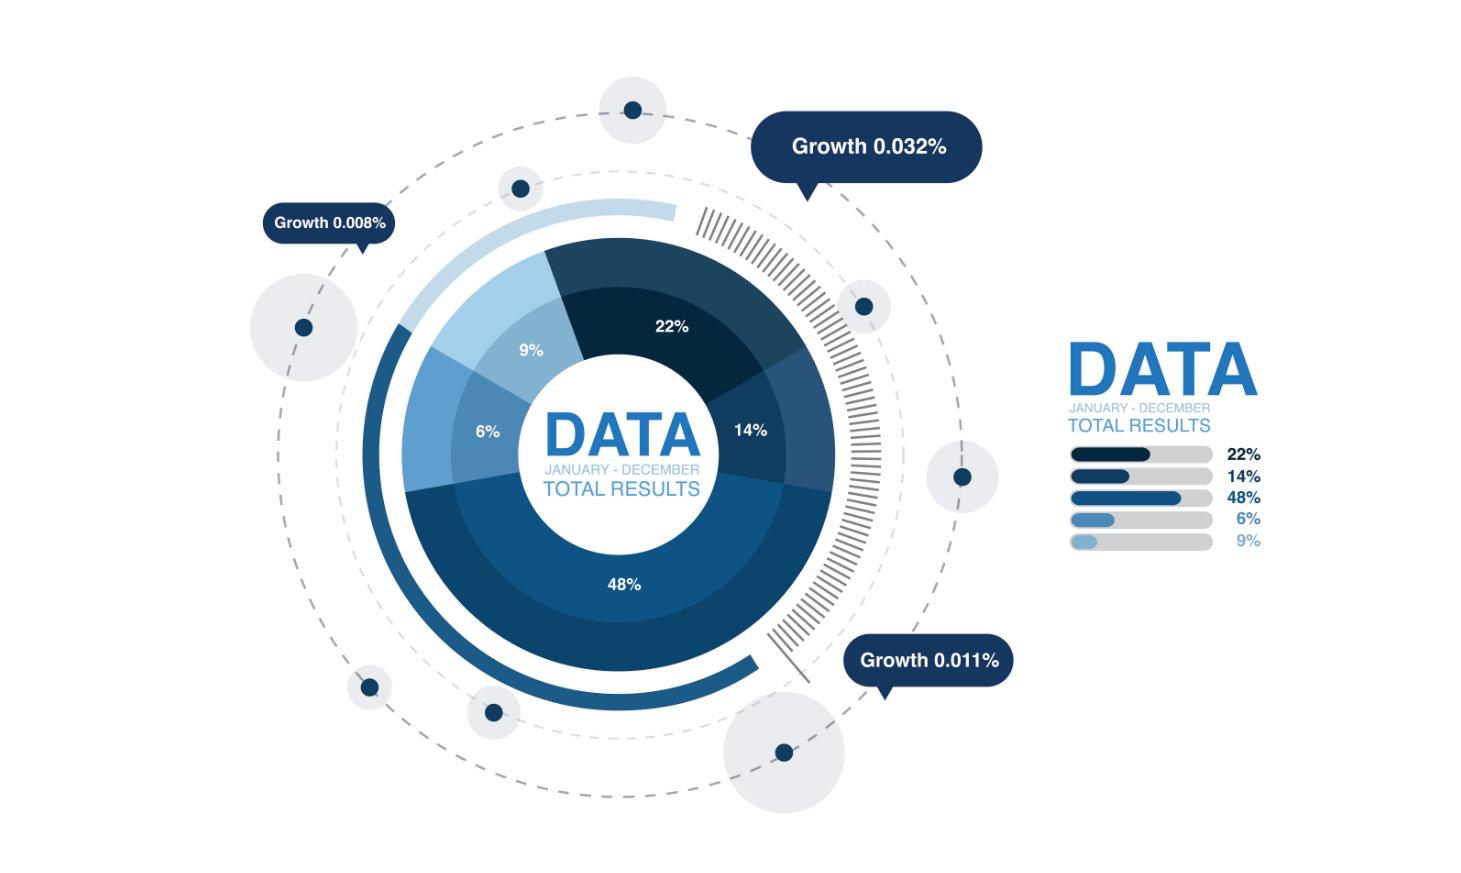 大數據的分析行動,受關注的都是建立傾向吸引人的網站內容